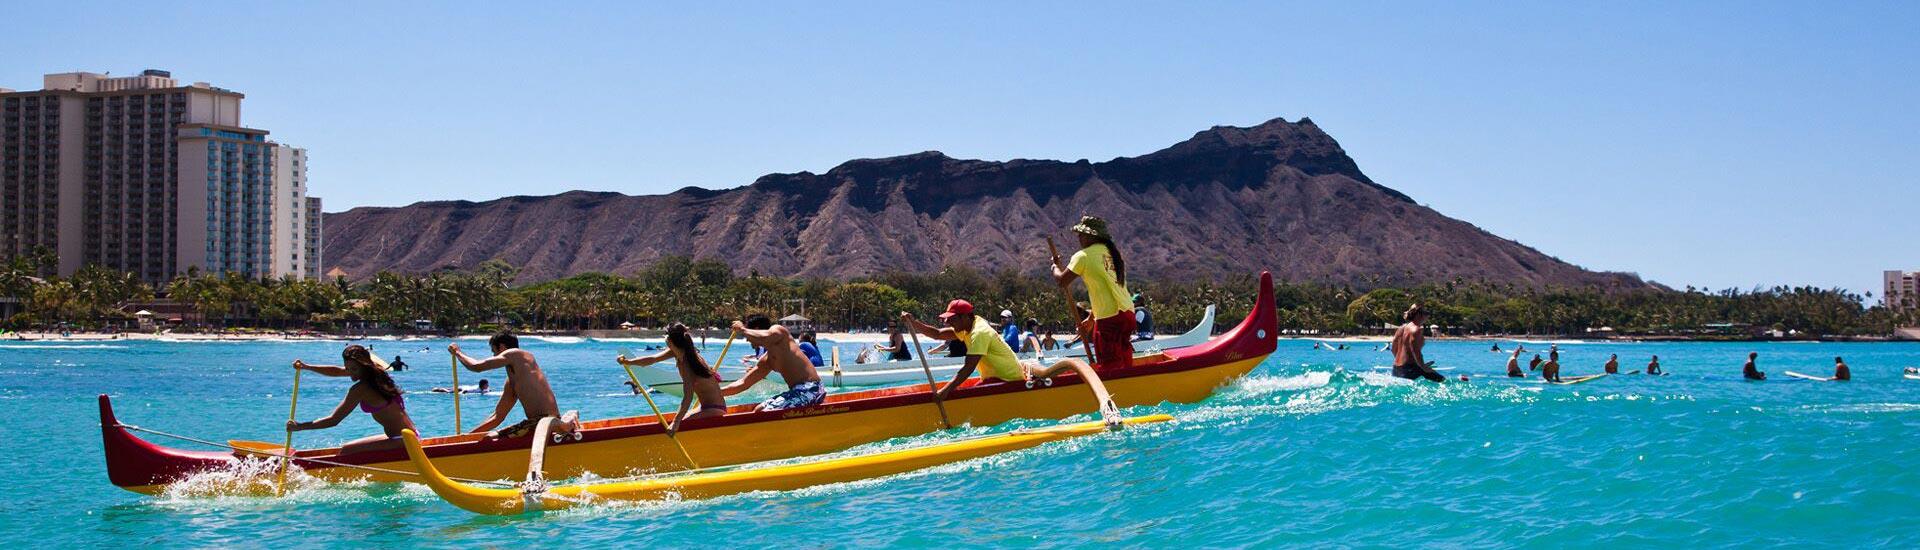 Hawaii Sicherheit- Wie sicher ist Hawaii?